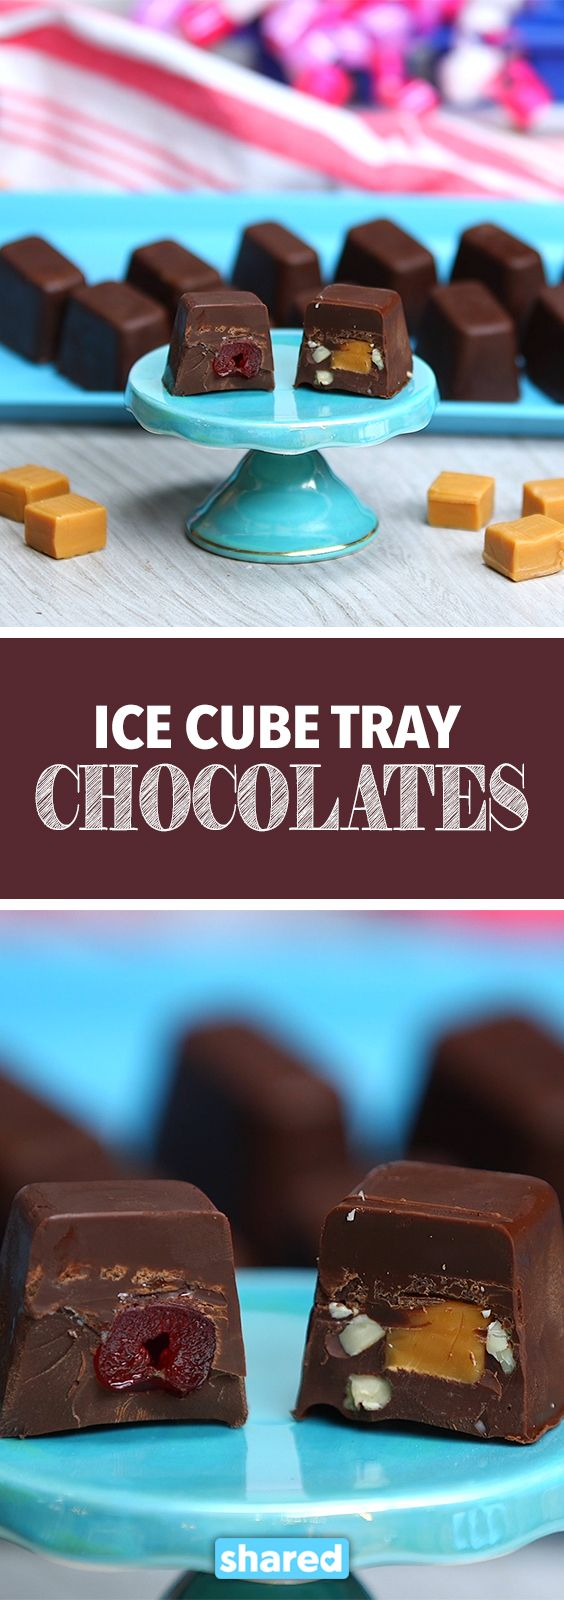 Ice Cube Tray Chocolates